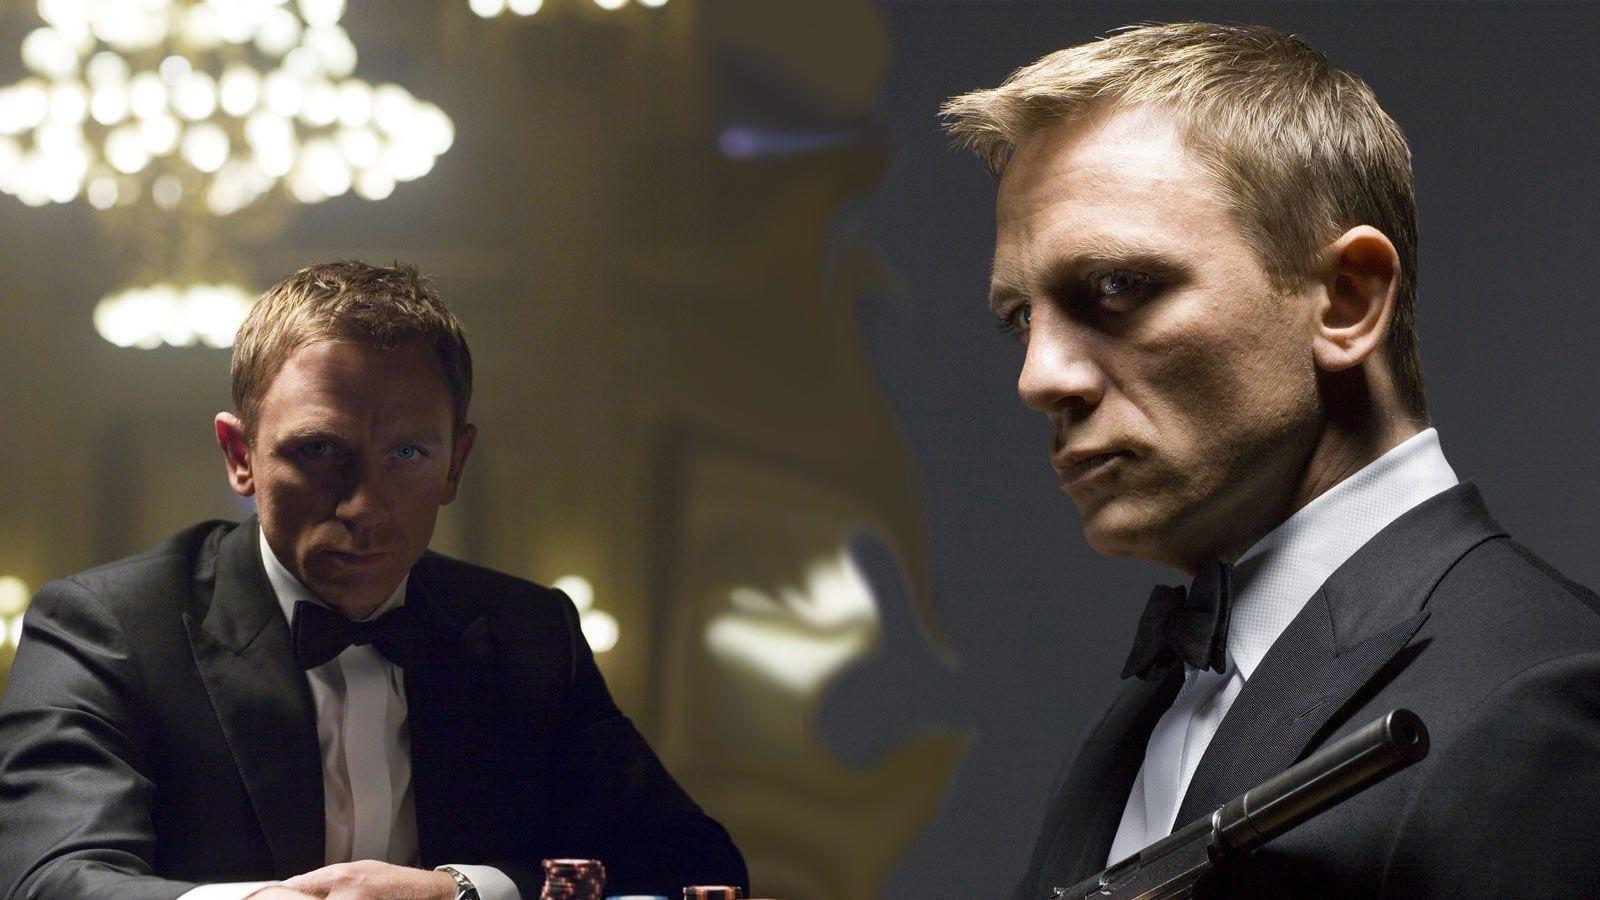 James Bond Casino Royale 2006 Fuld Film Online Streaming Dansk Movie123 Den Unge James Bond Er Ny Agent Og Har Netop Faet Licens Til At Draebe Pa Hans Fo Unge